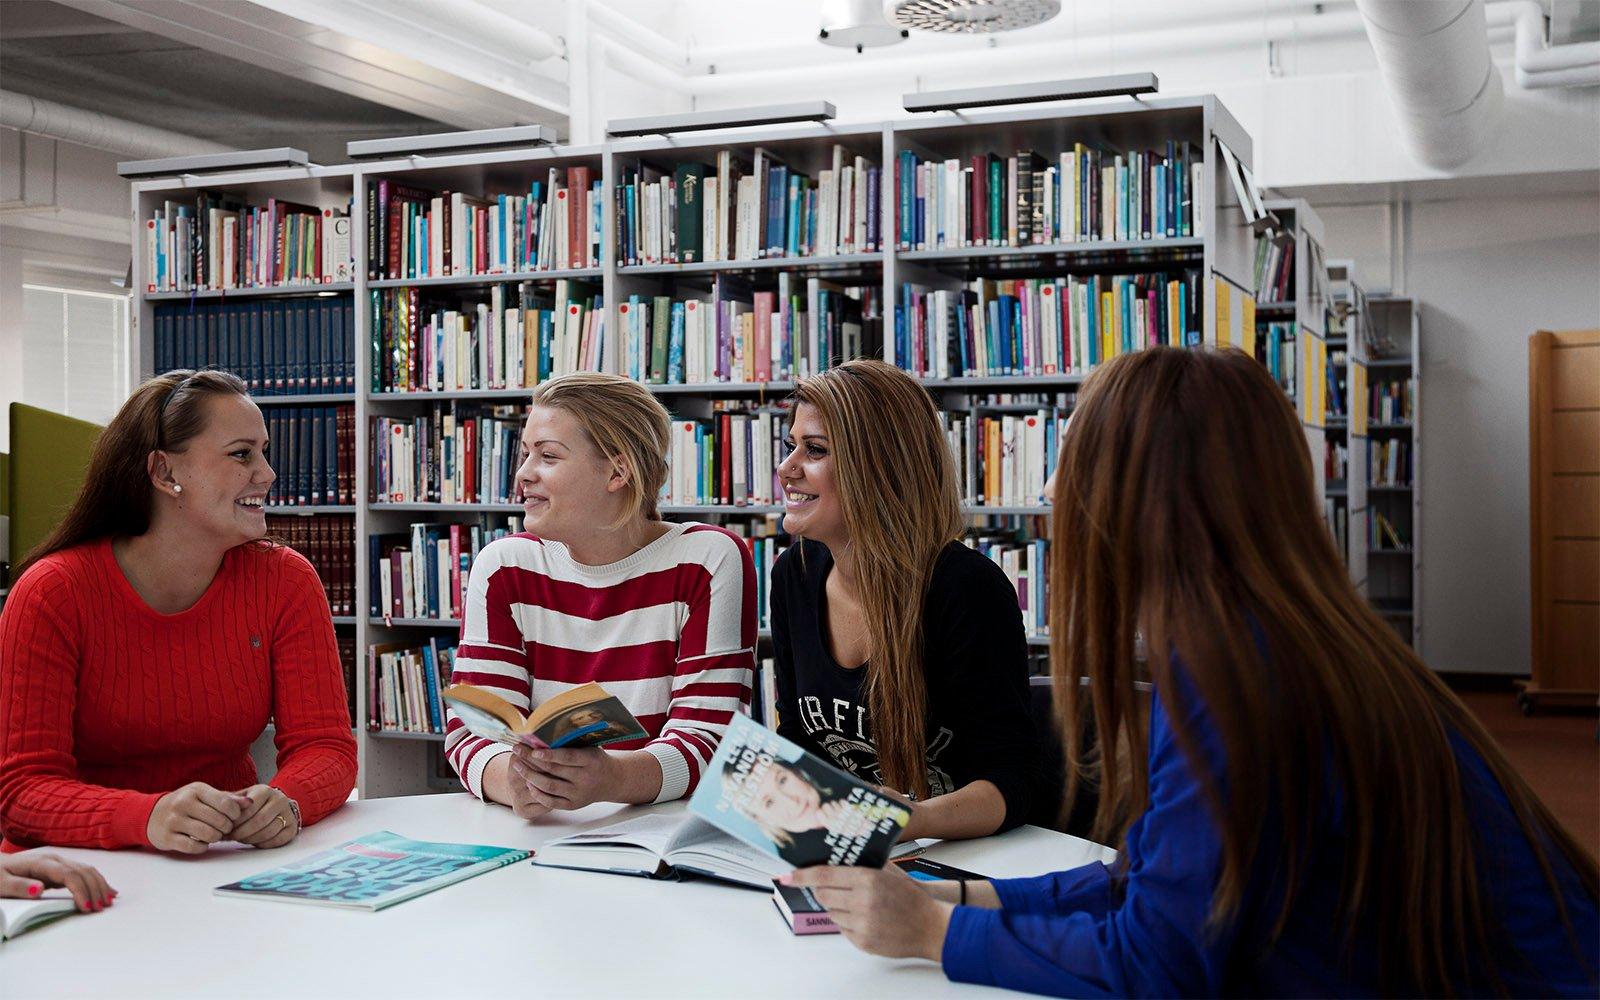 Studerende fra Sågbäcksgymnasiet siddende på skole biblioteket oplyst af naturligt sollys